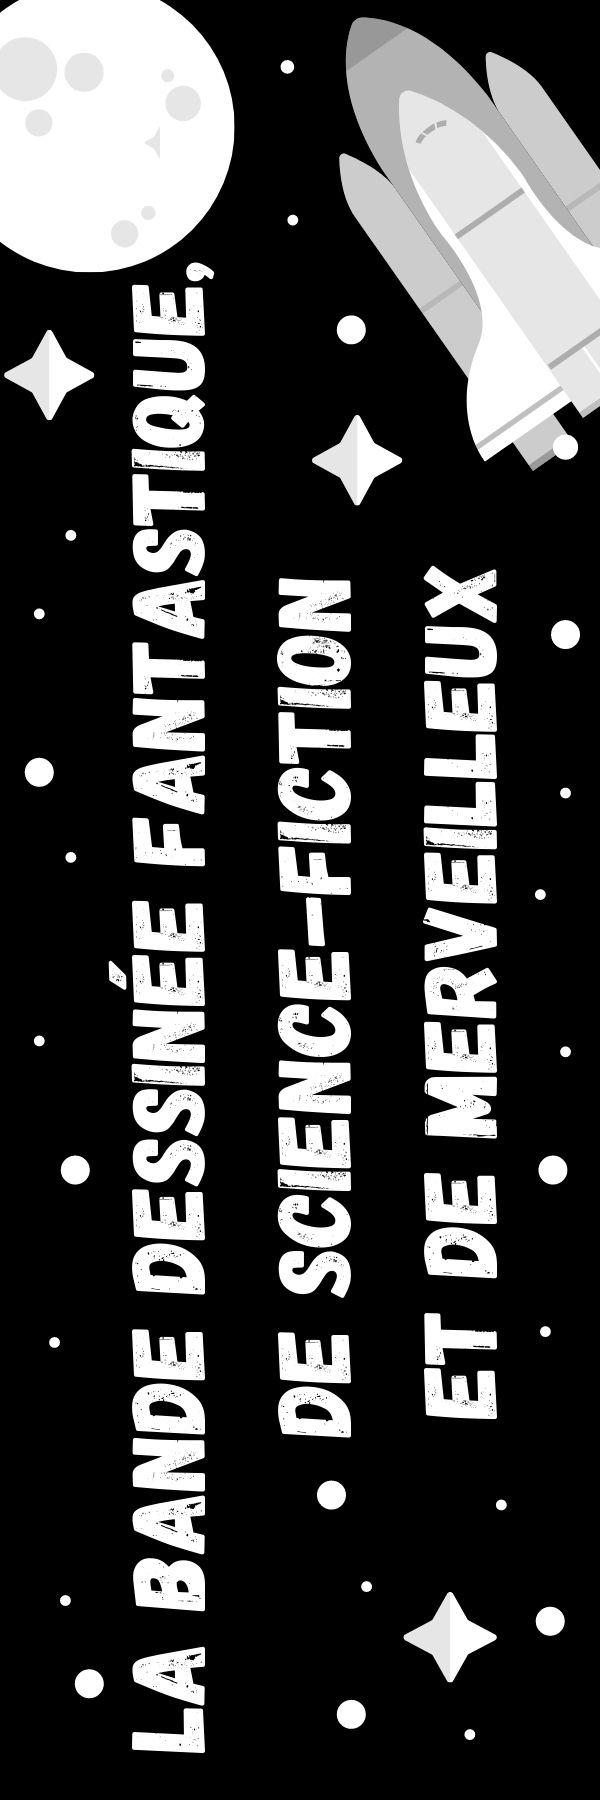 La bande dessinée fantastique, de science-fiction et de merveilleux